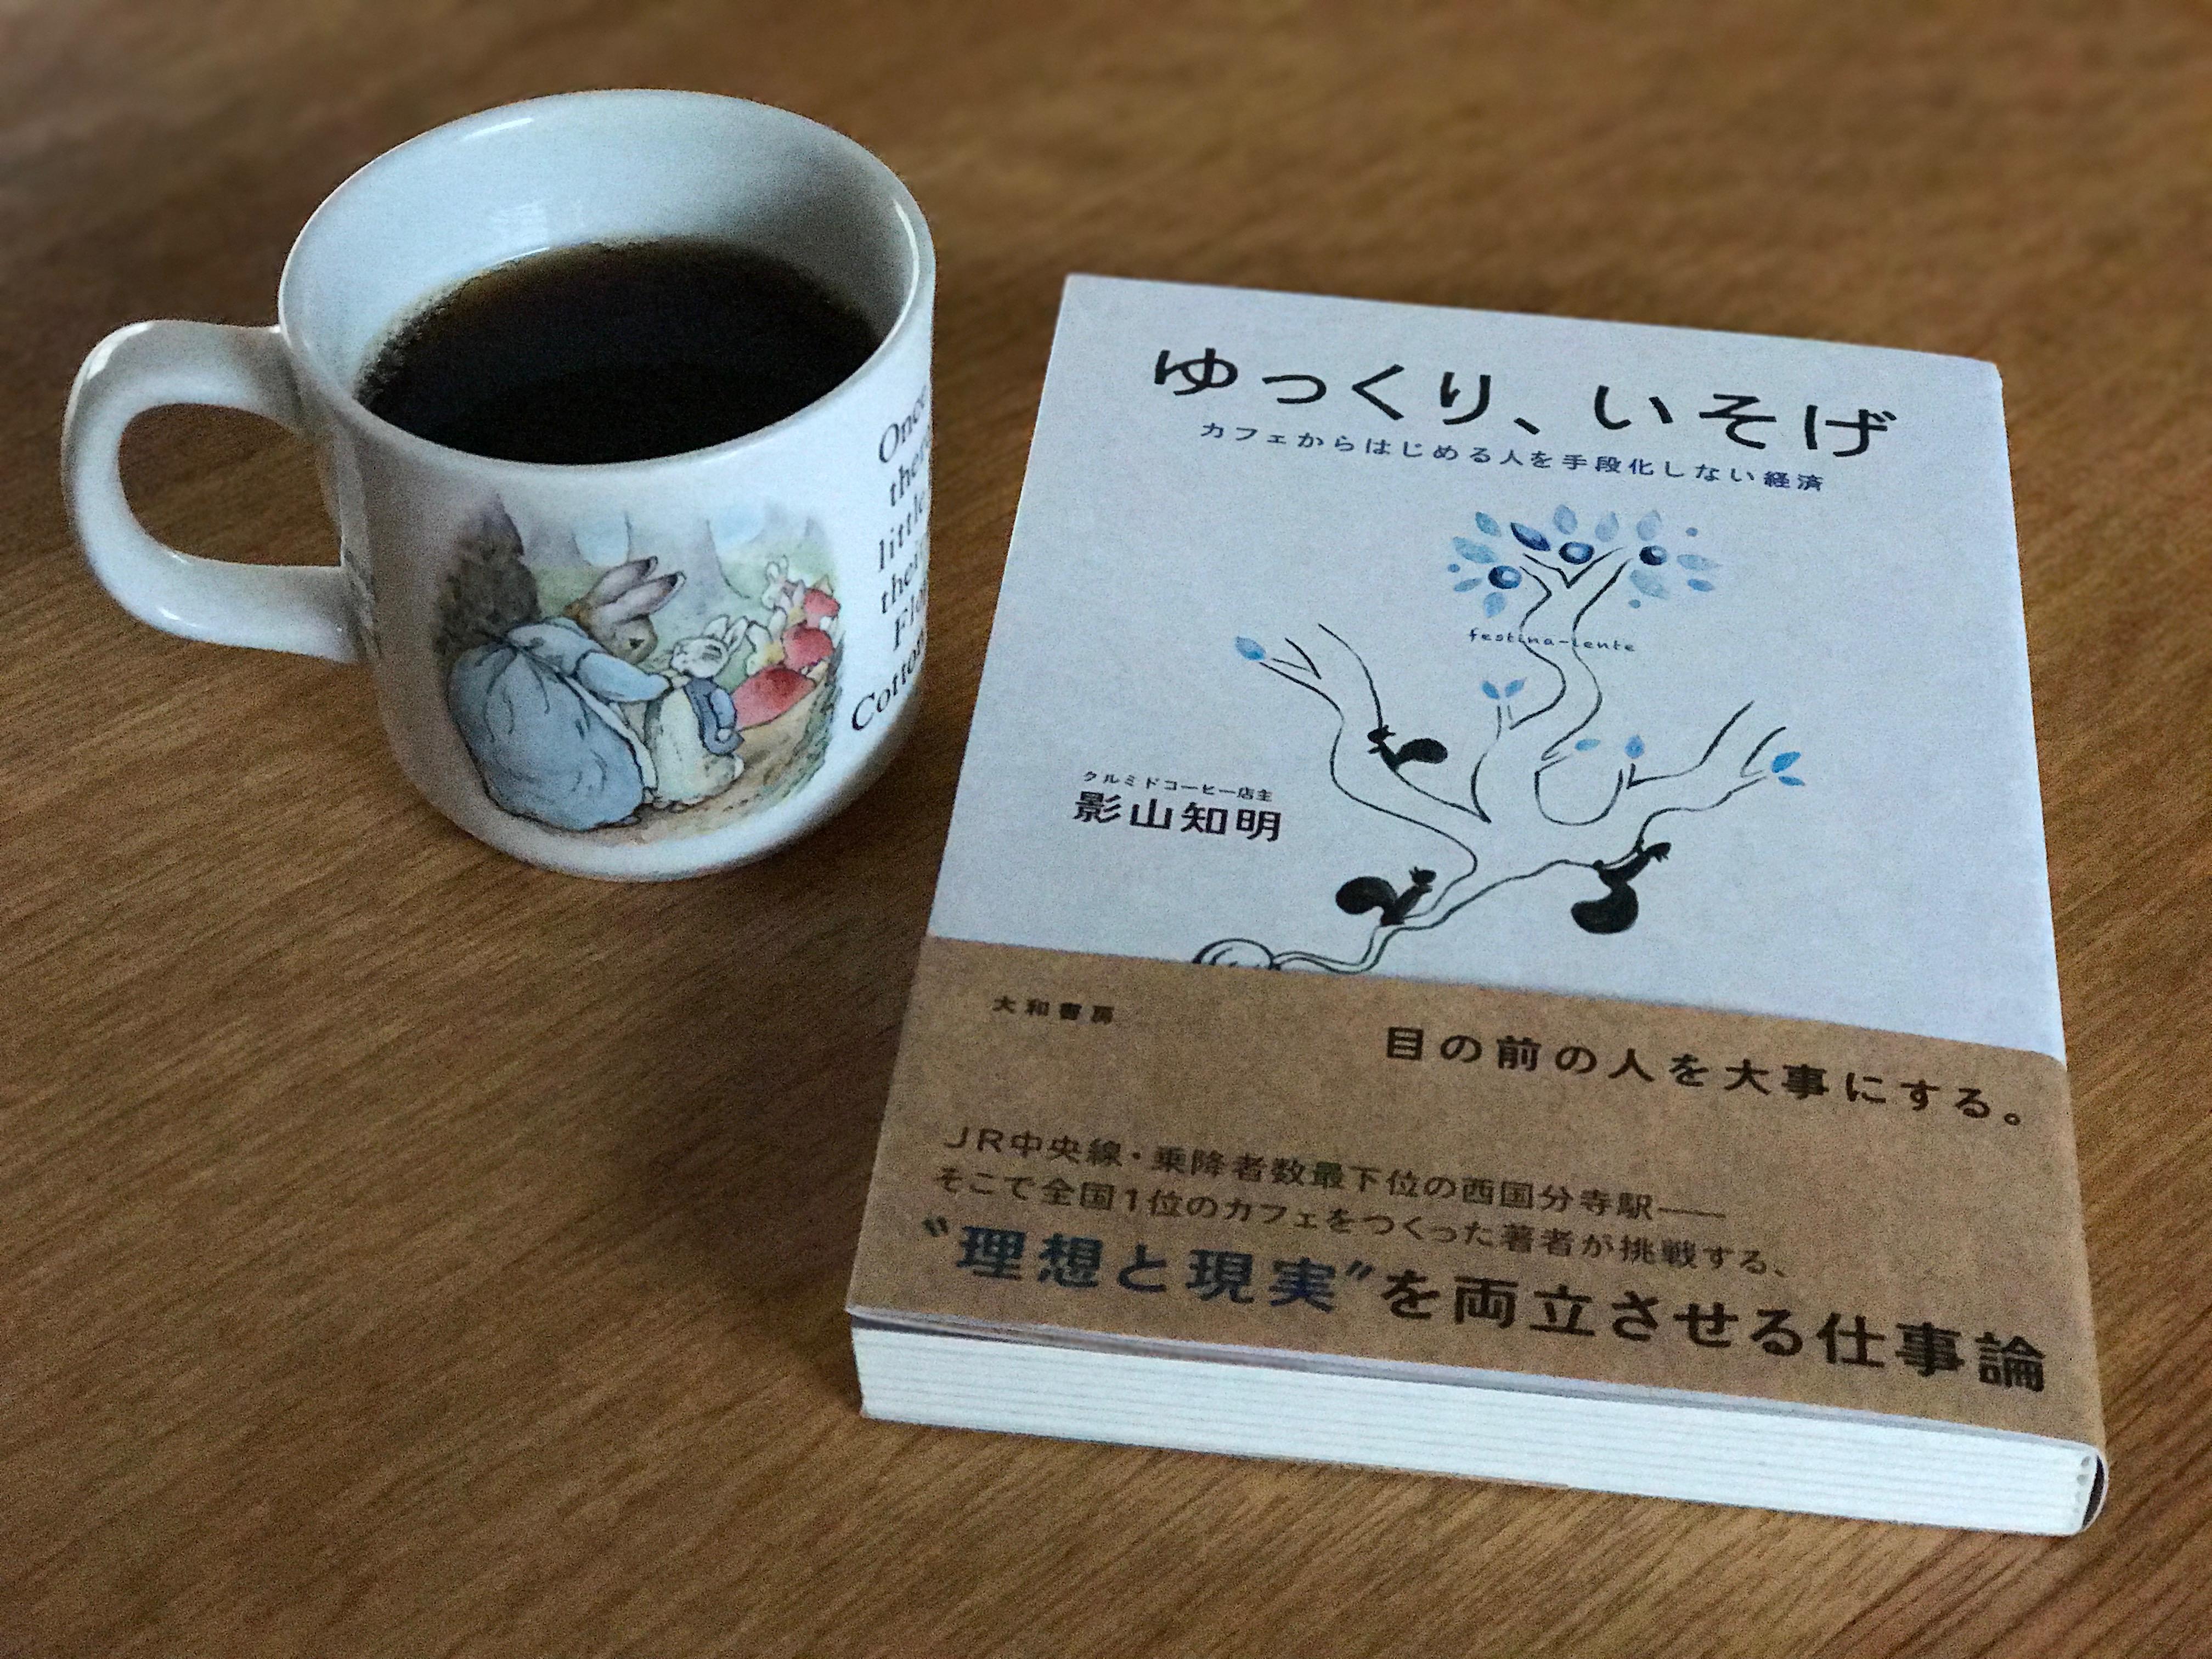 カフェの未来を考えて手にした本ーー『ゆっくり、いそげ』